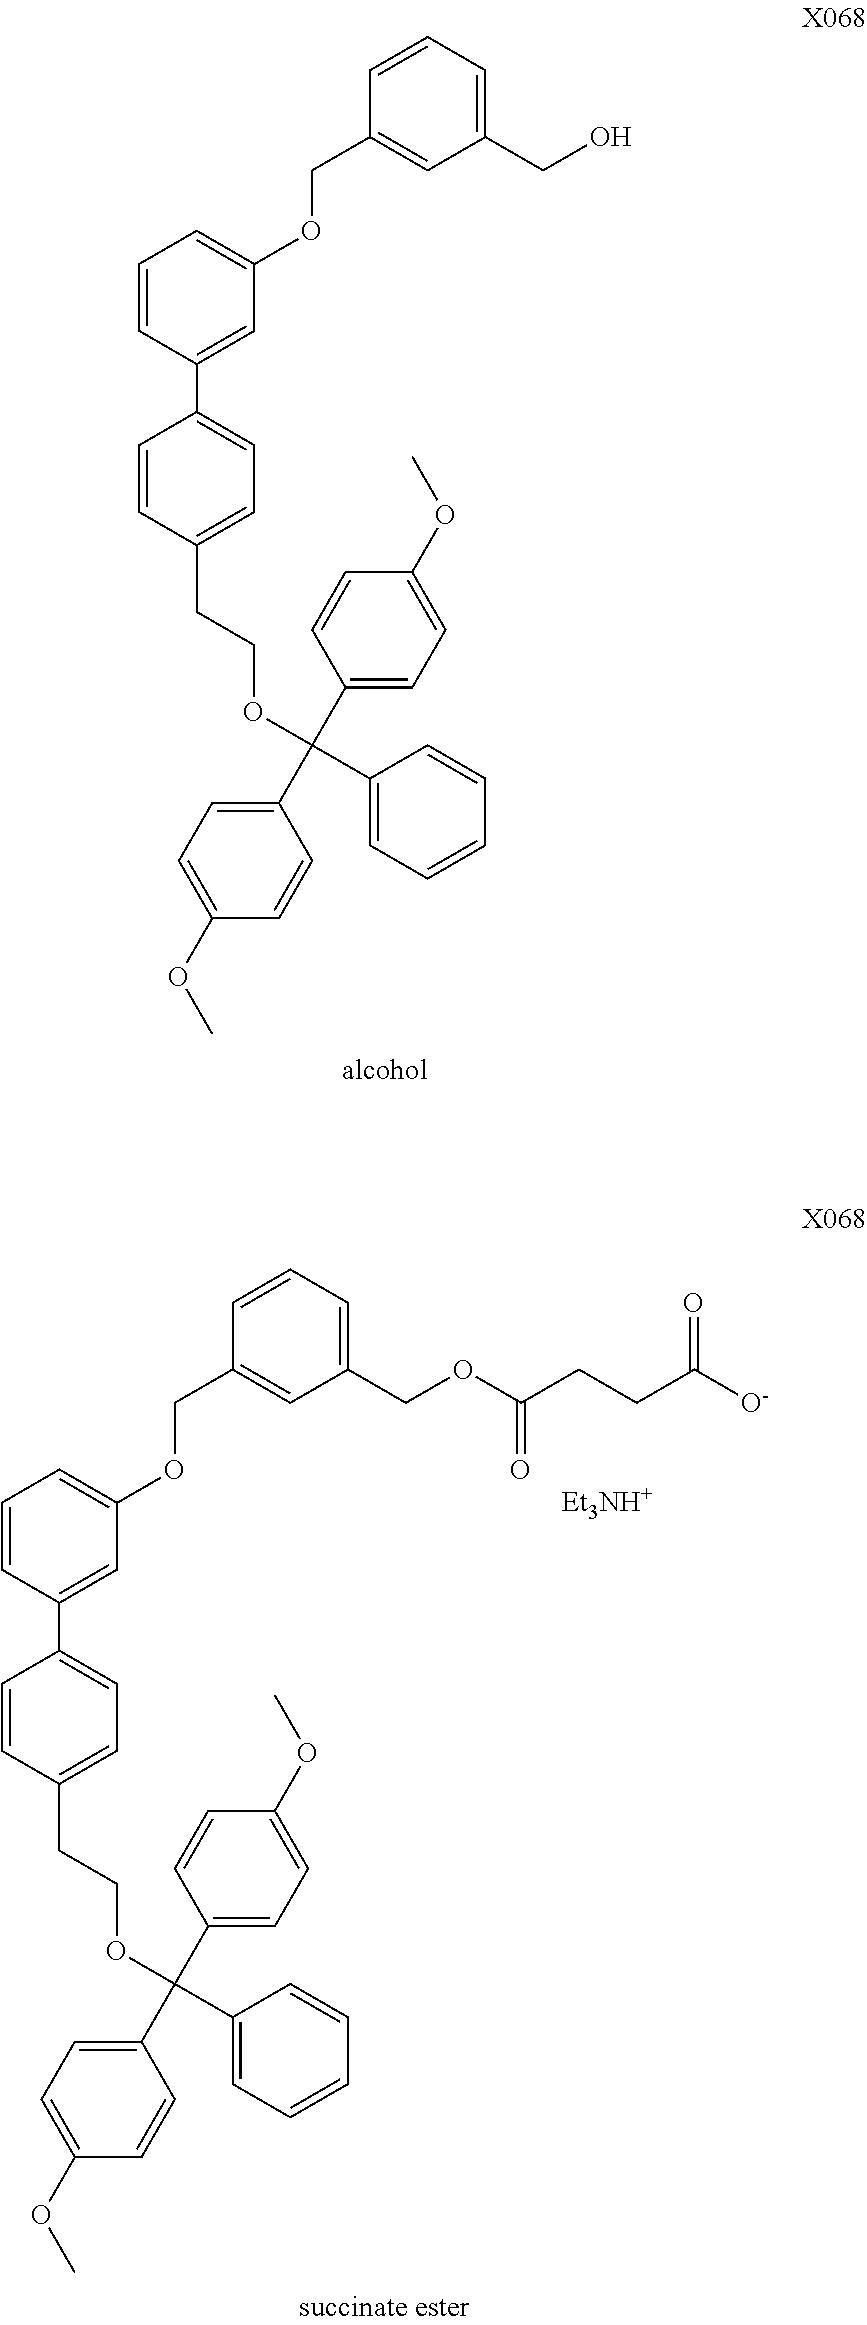 Figure US09988627-20180605-C00340